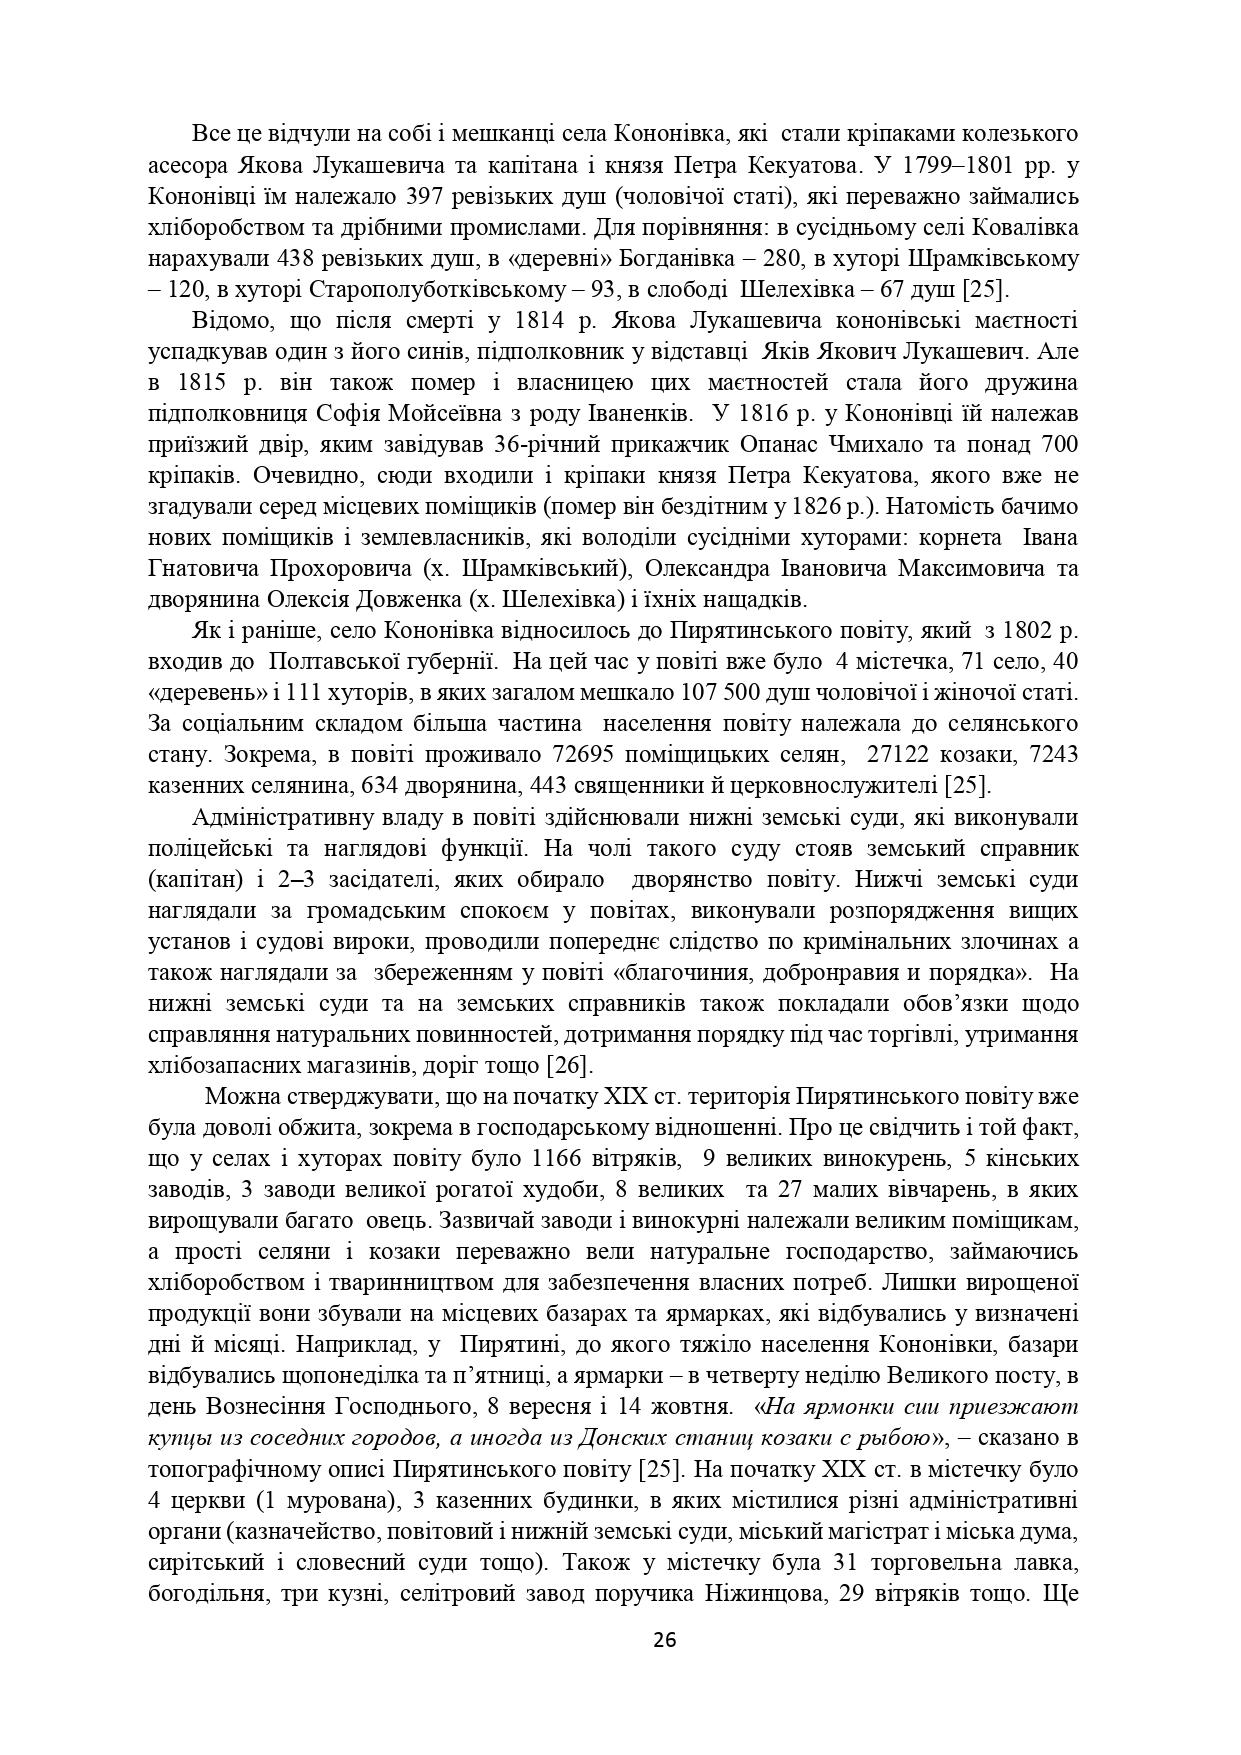 ІСТОРІЯ СЕЛА КОНОНІВКА 2021 (1)_page-0026